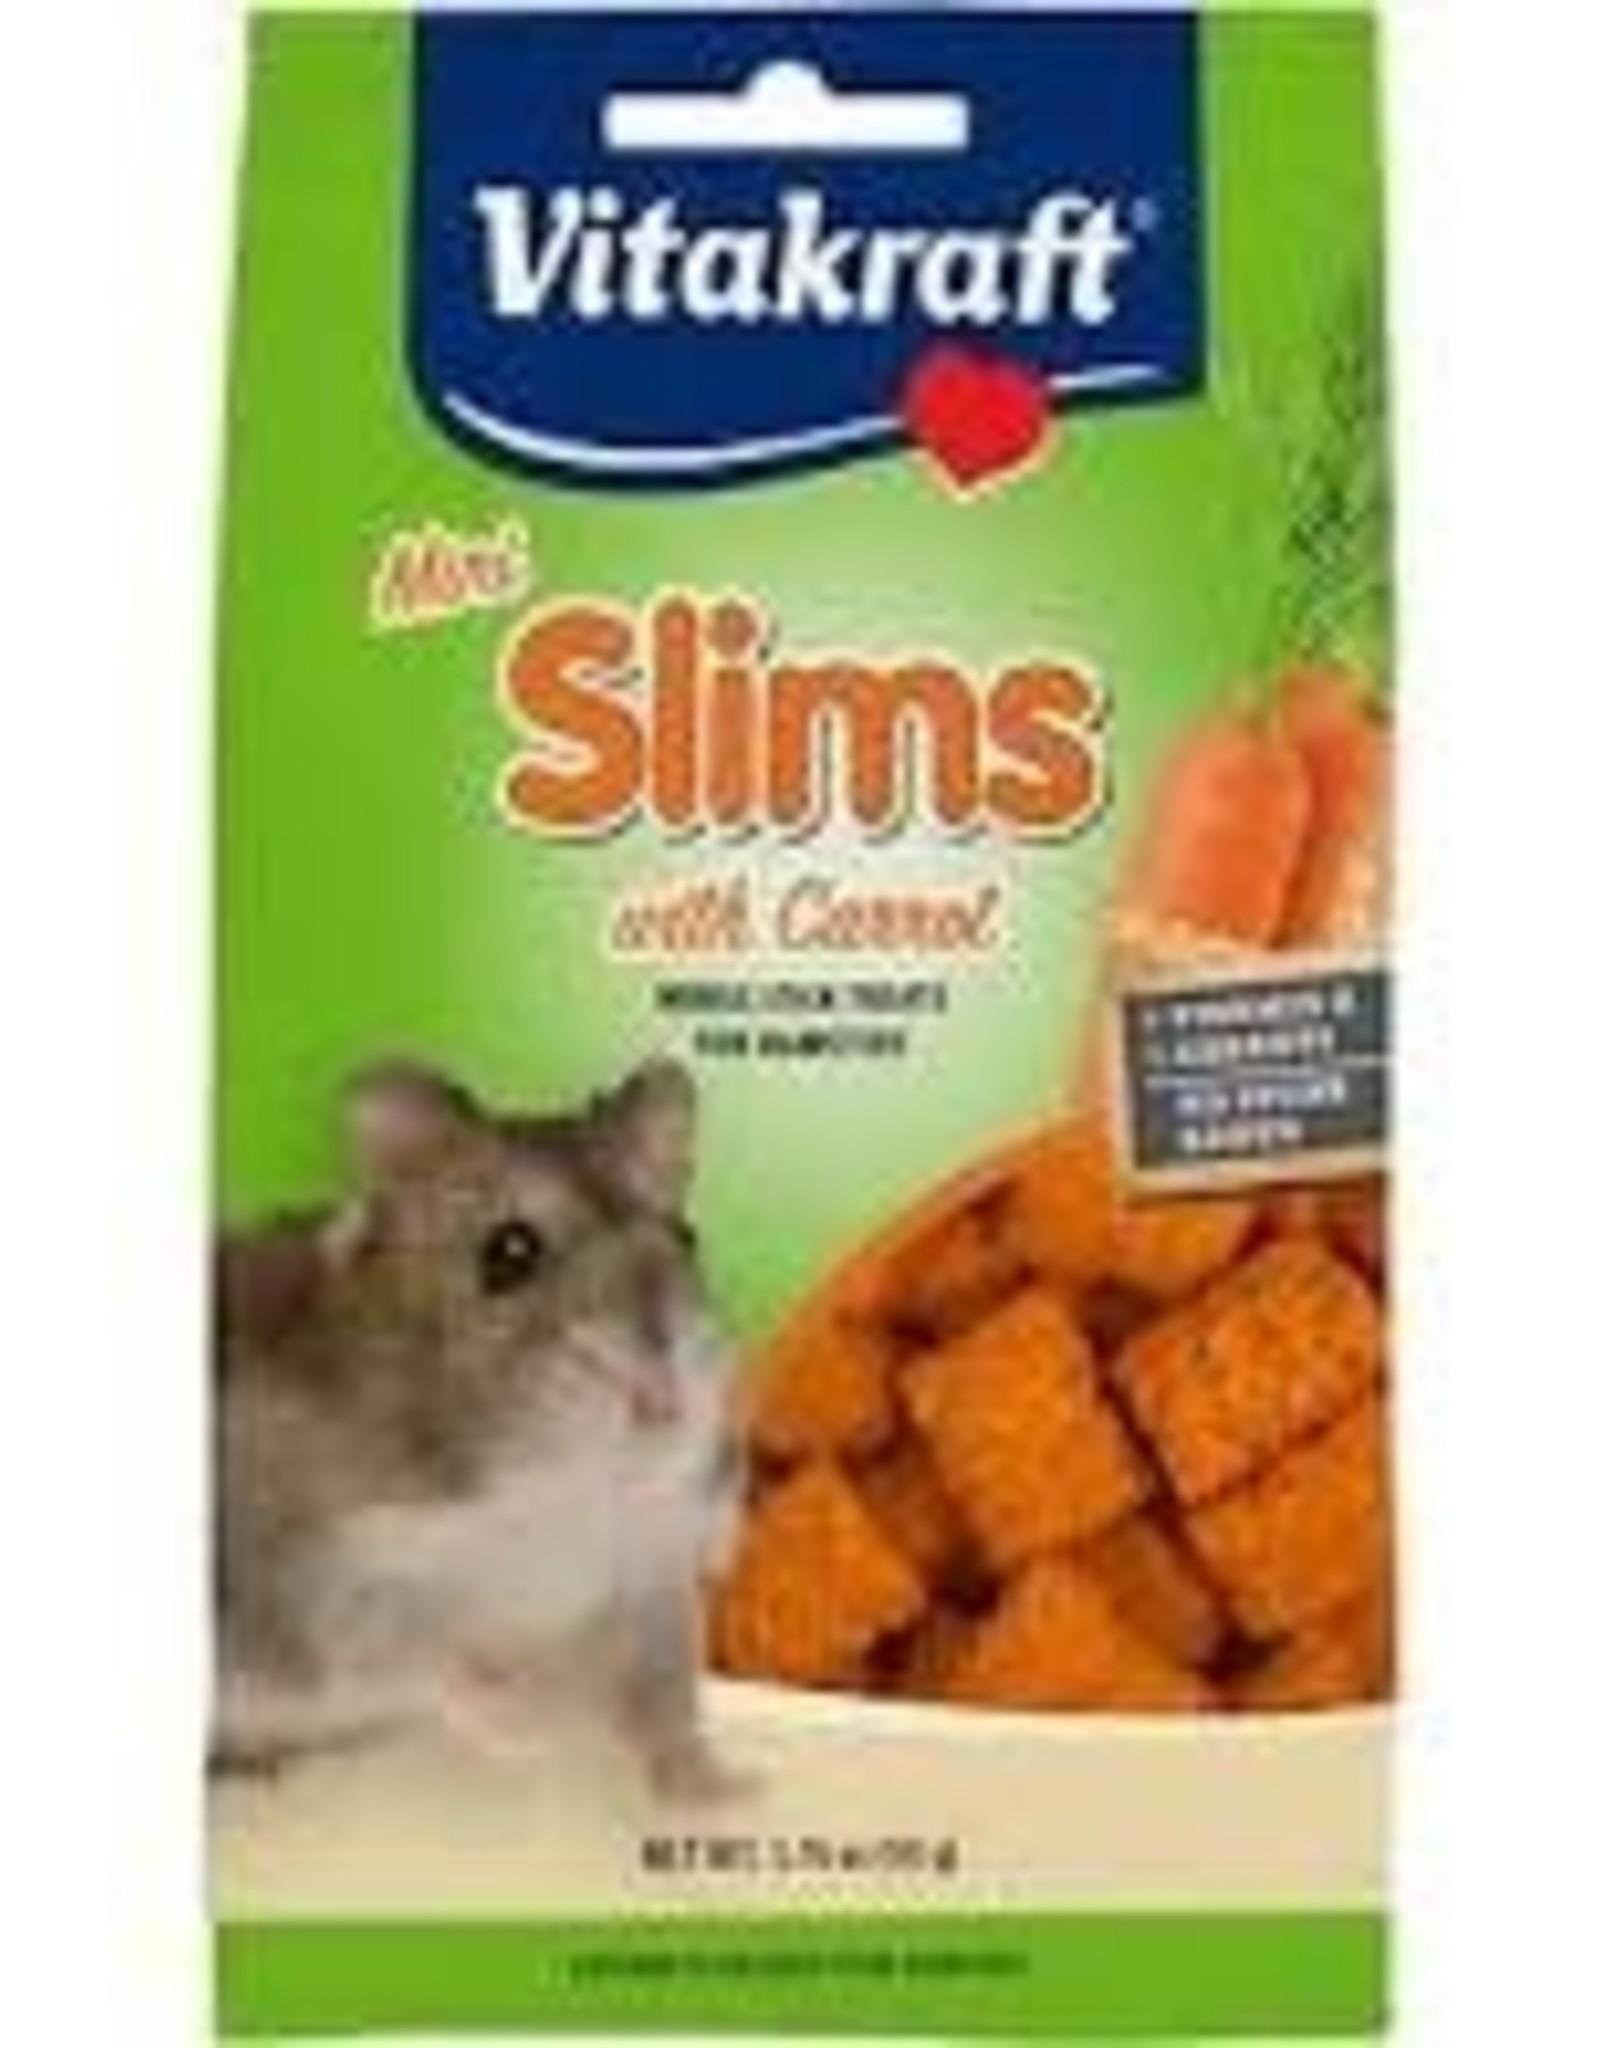 Vitakraft Carrot Slims